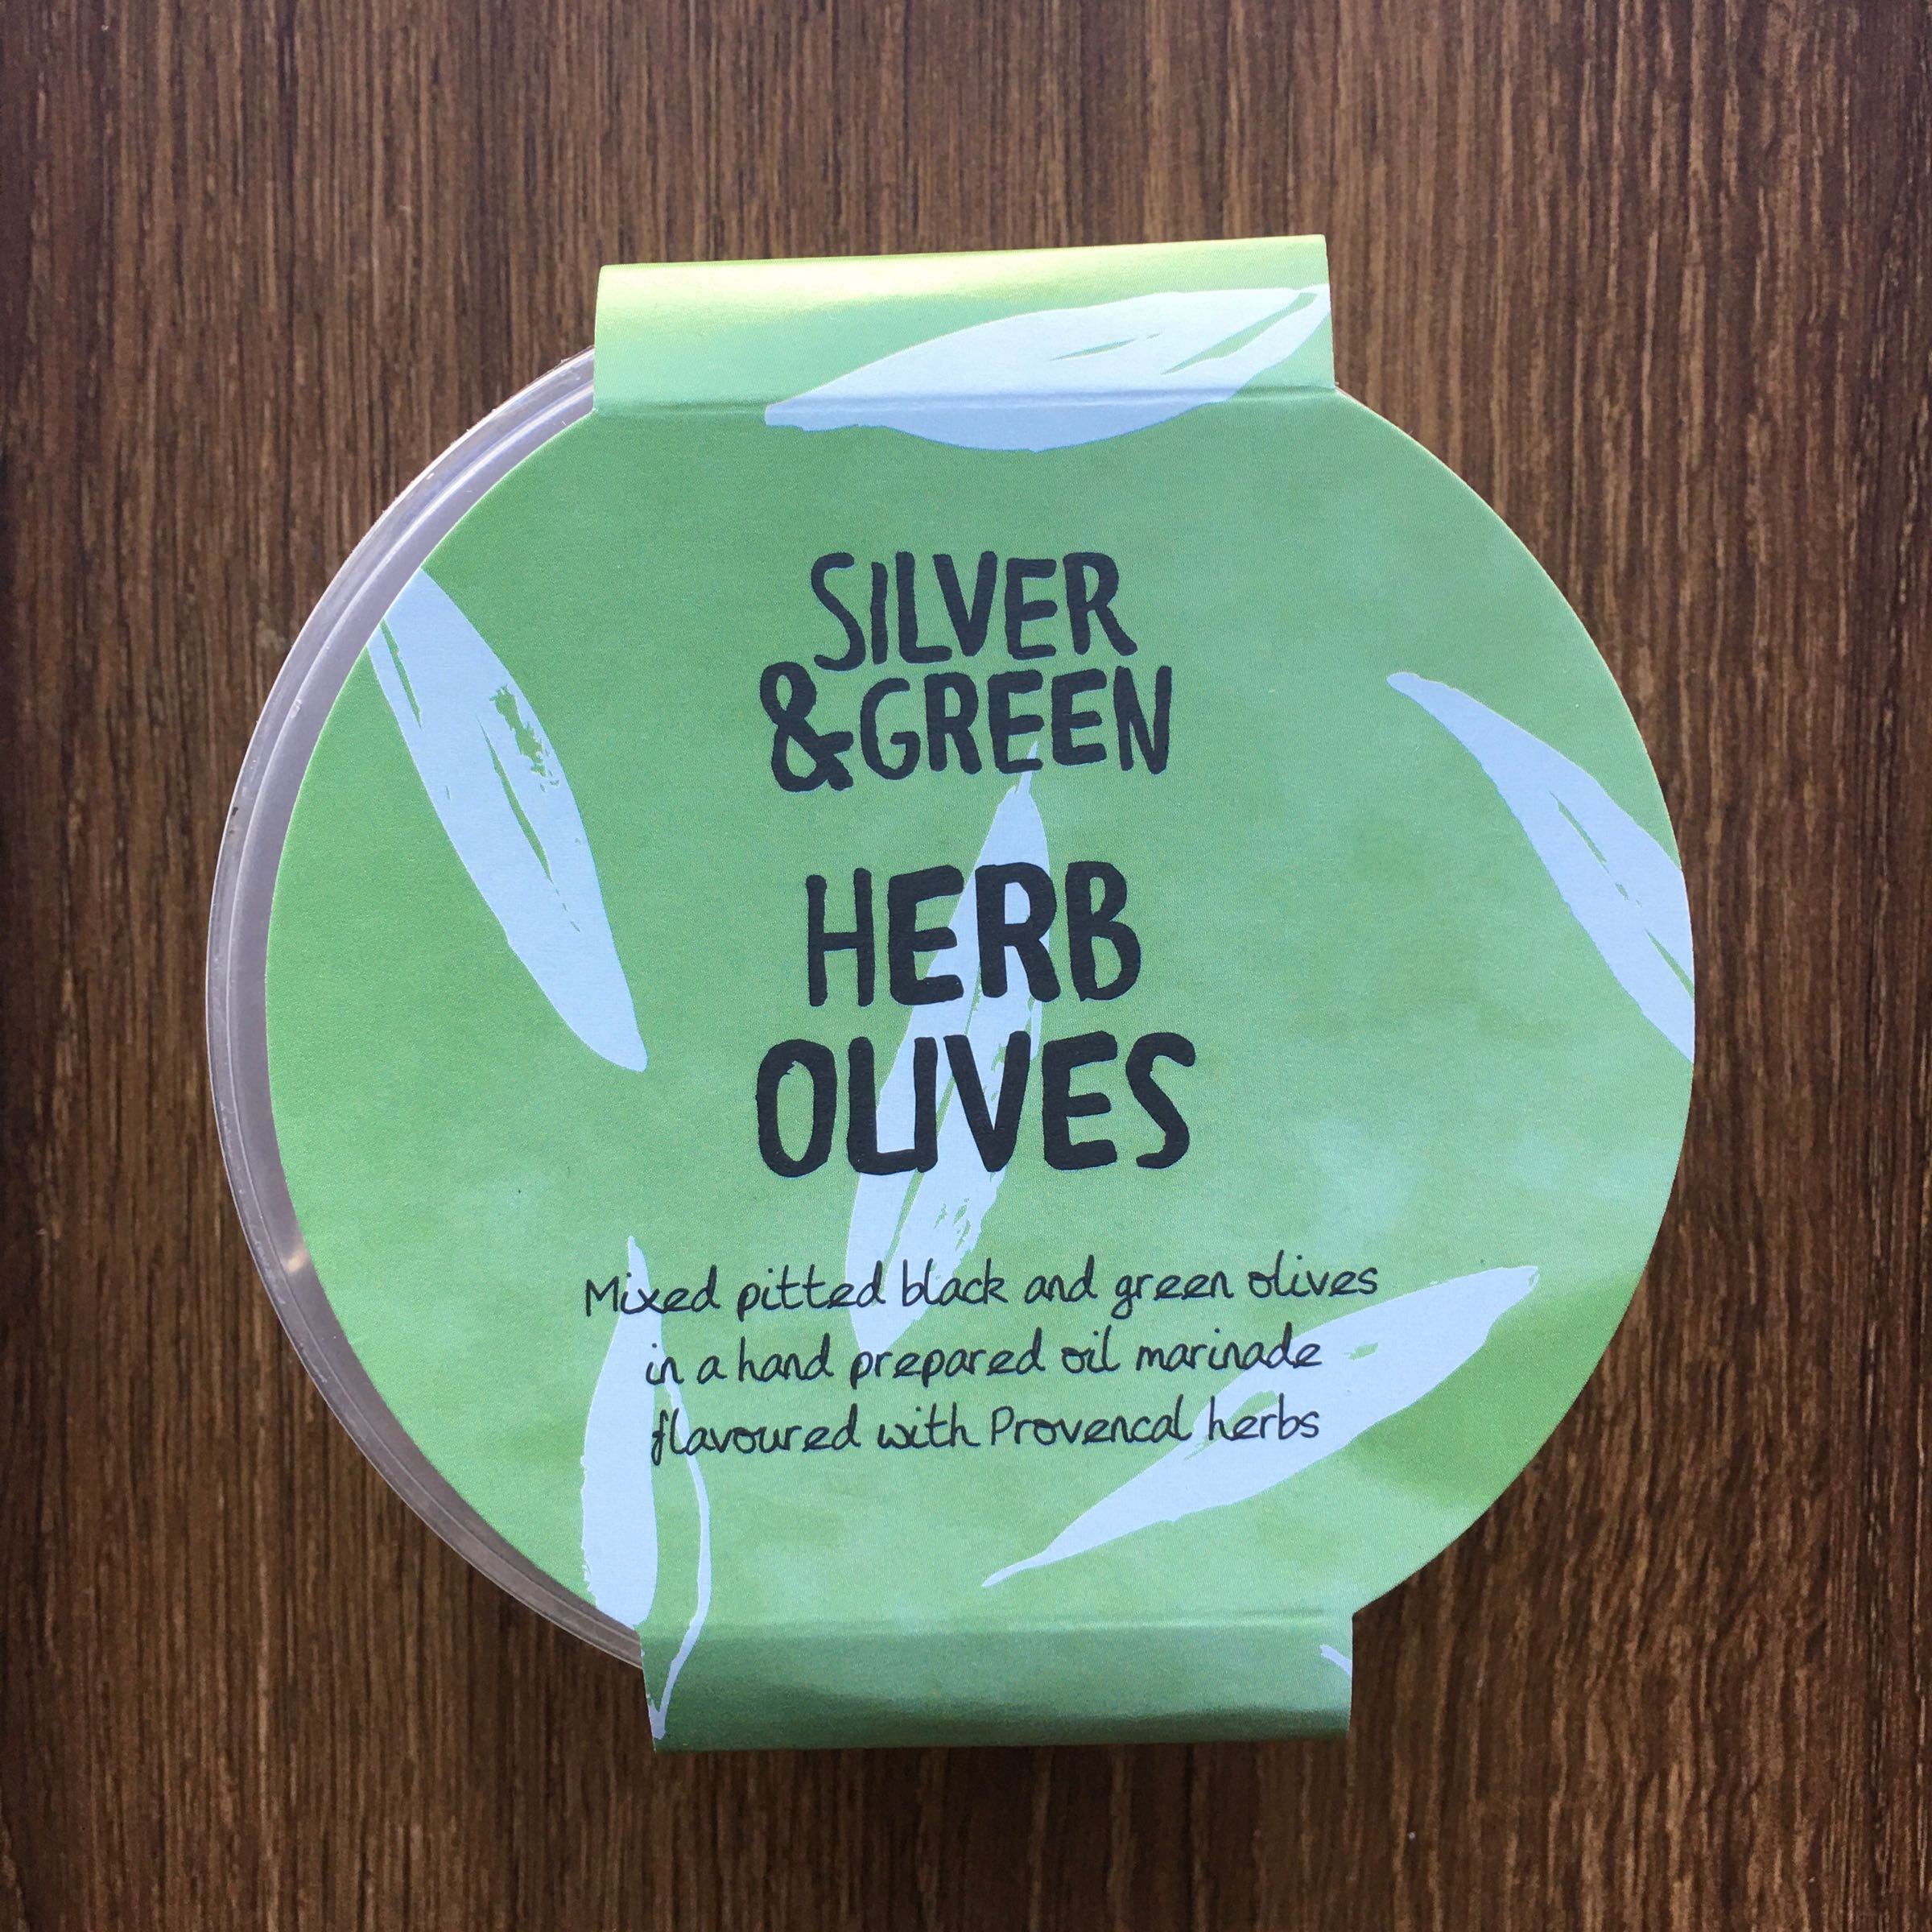 Herb Olives